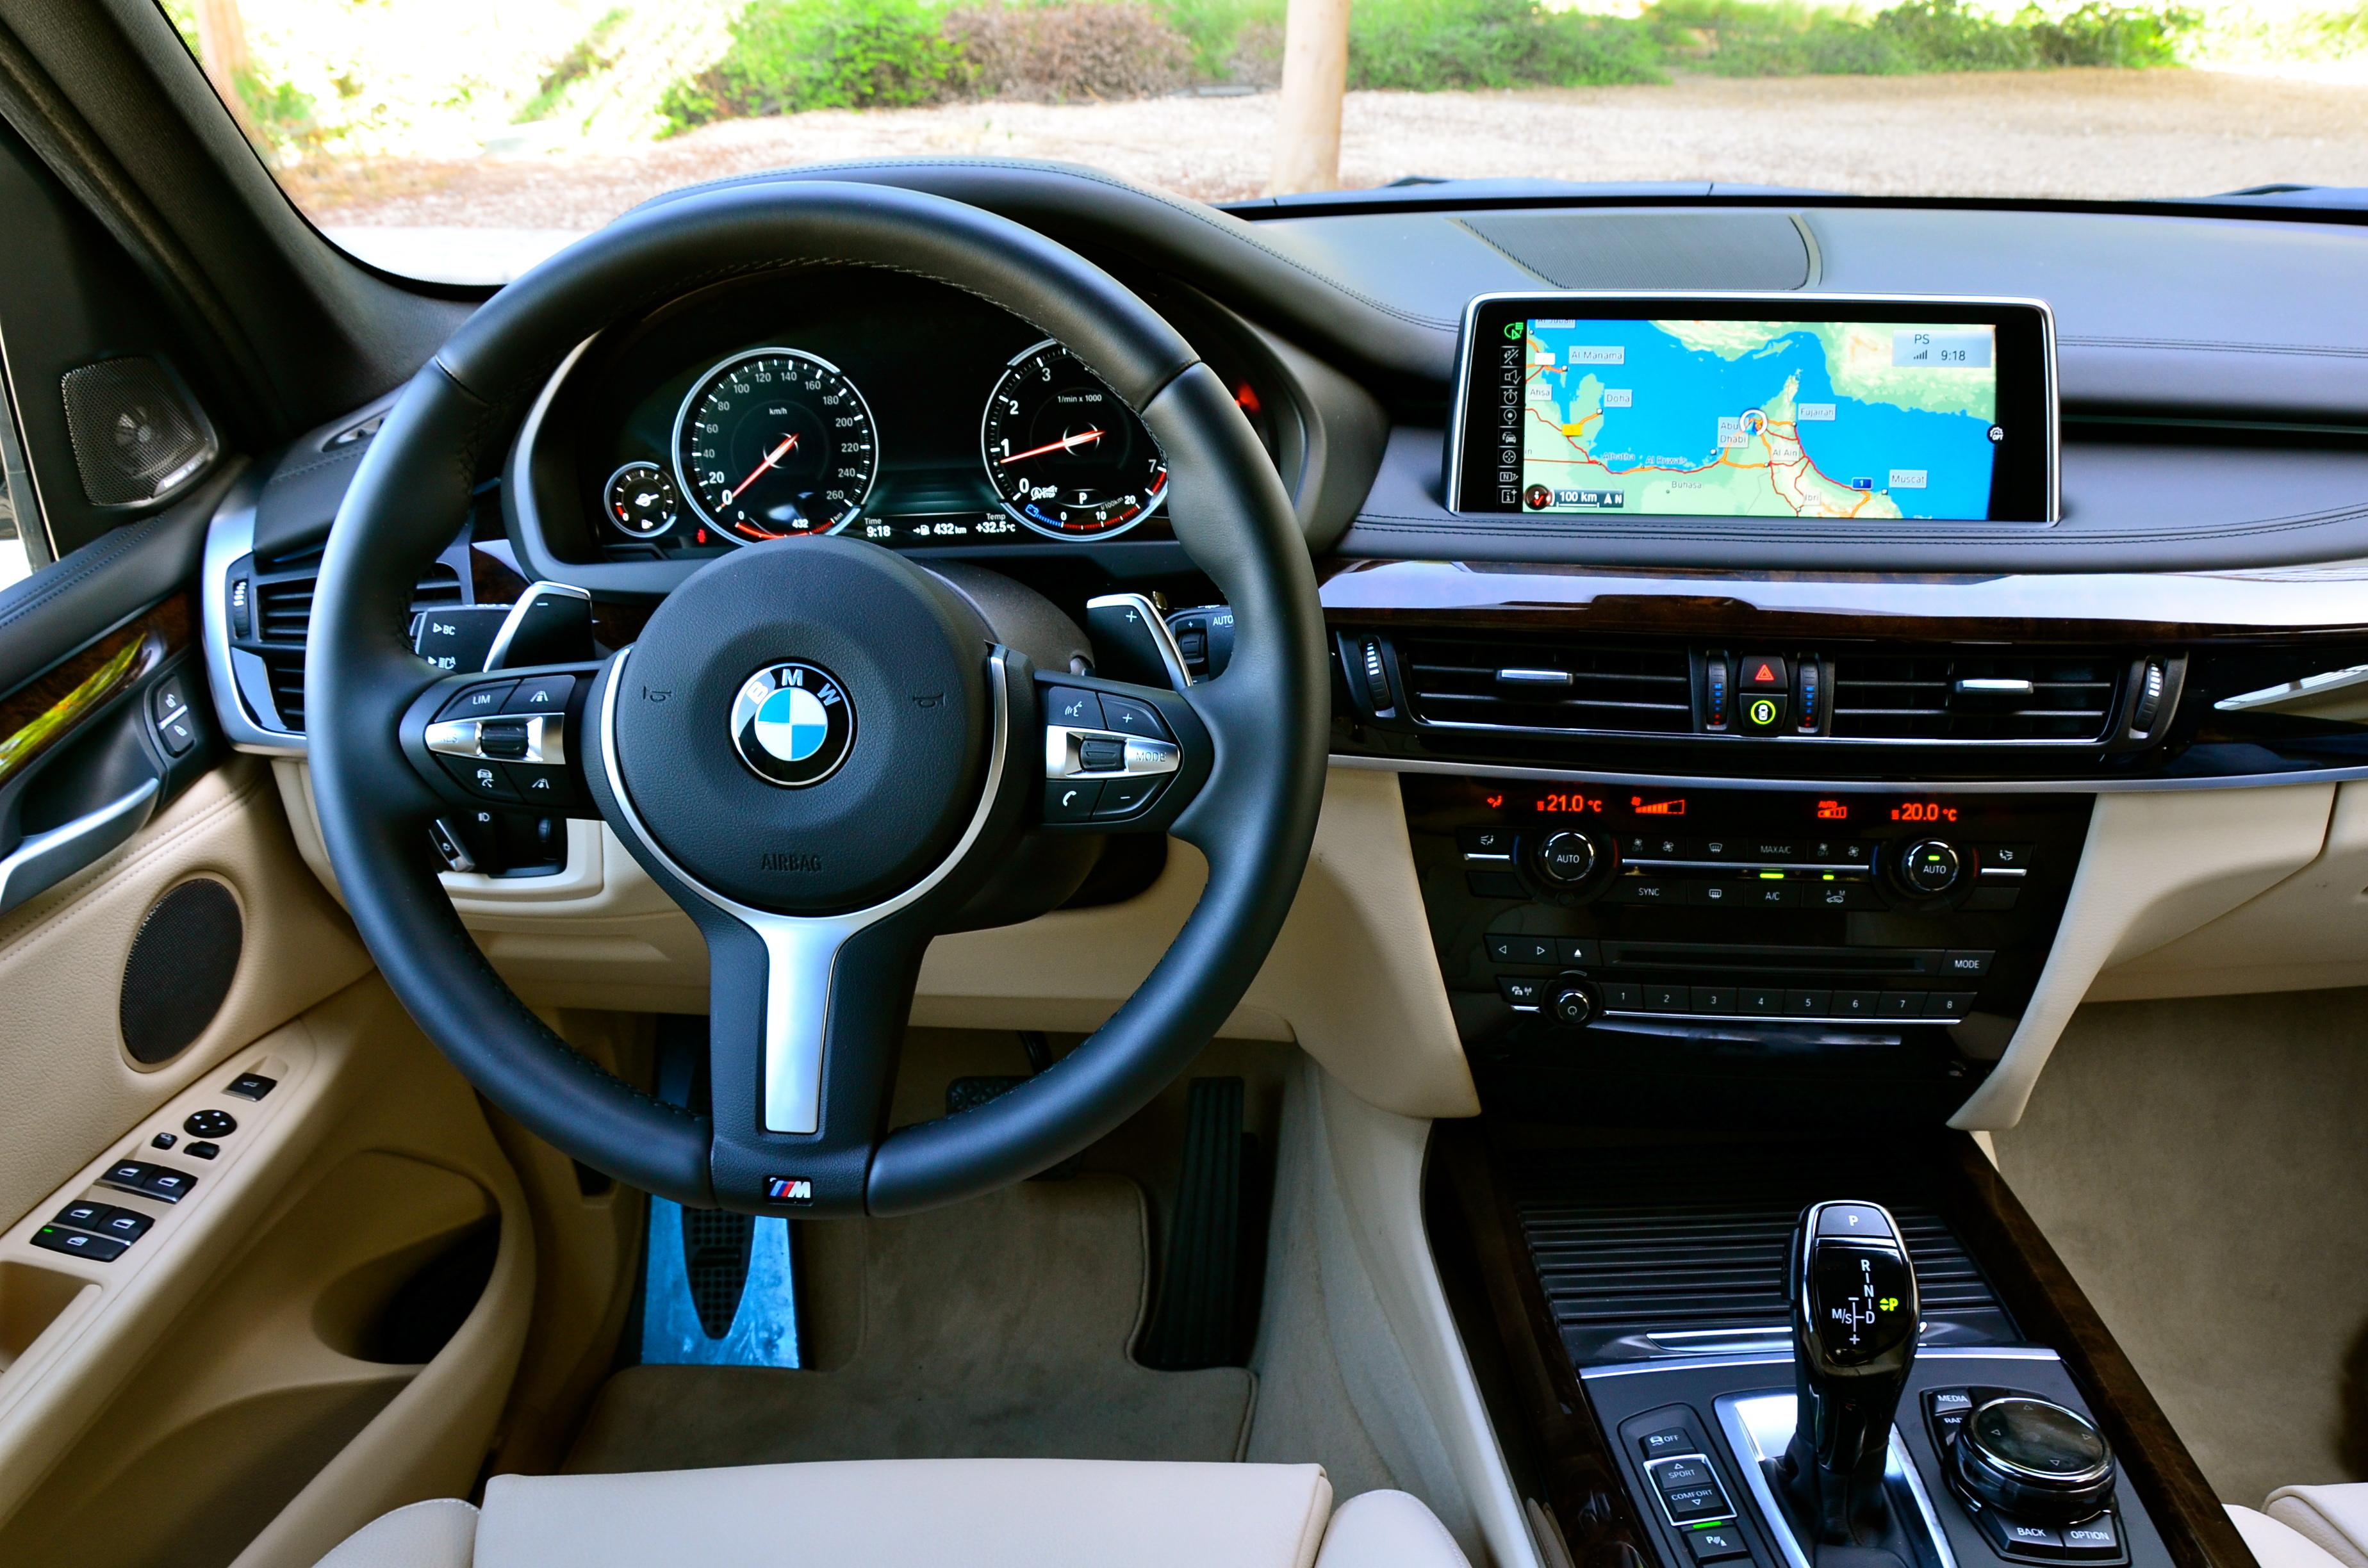 Bmw X5 Cockpit Dubaicravings Com